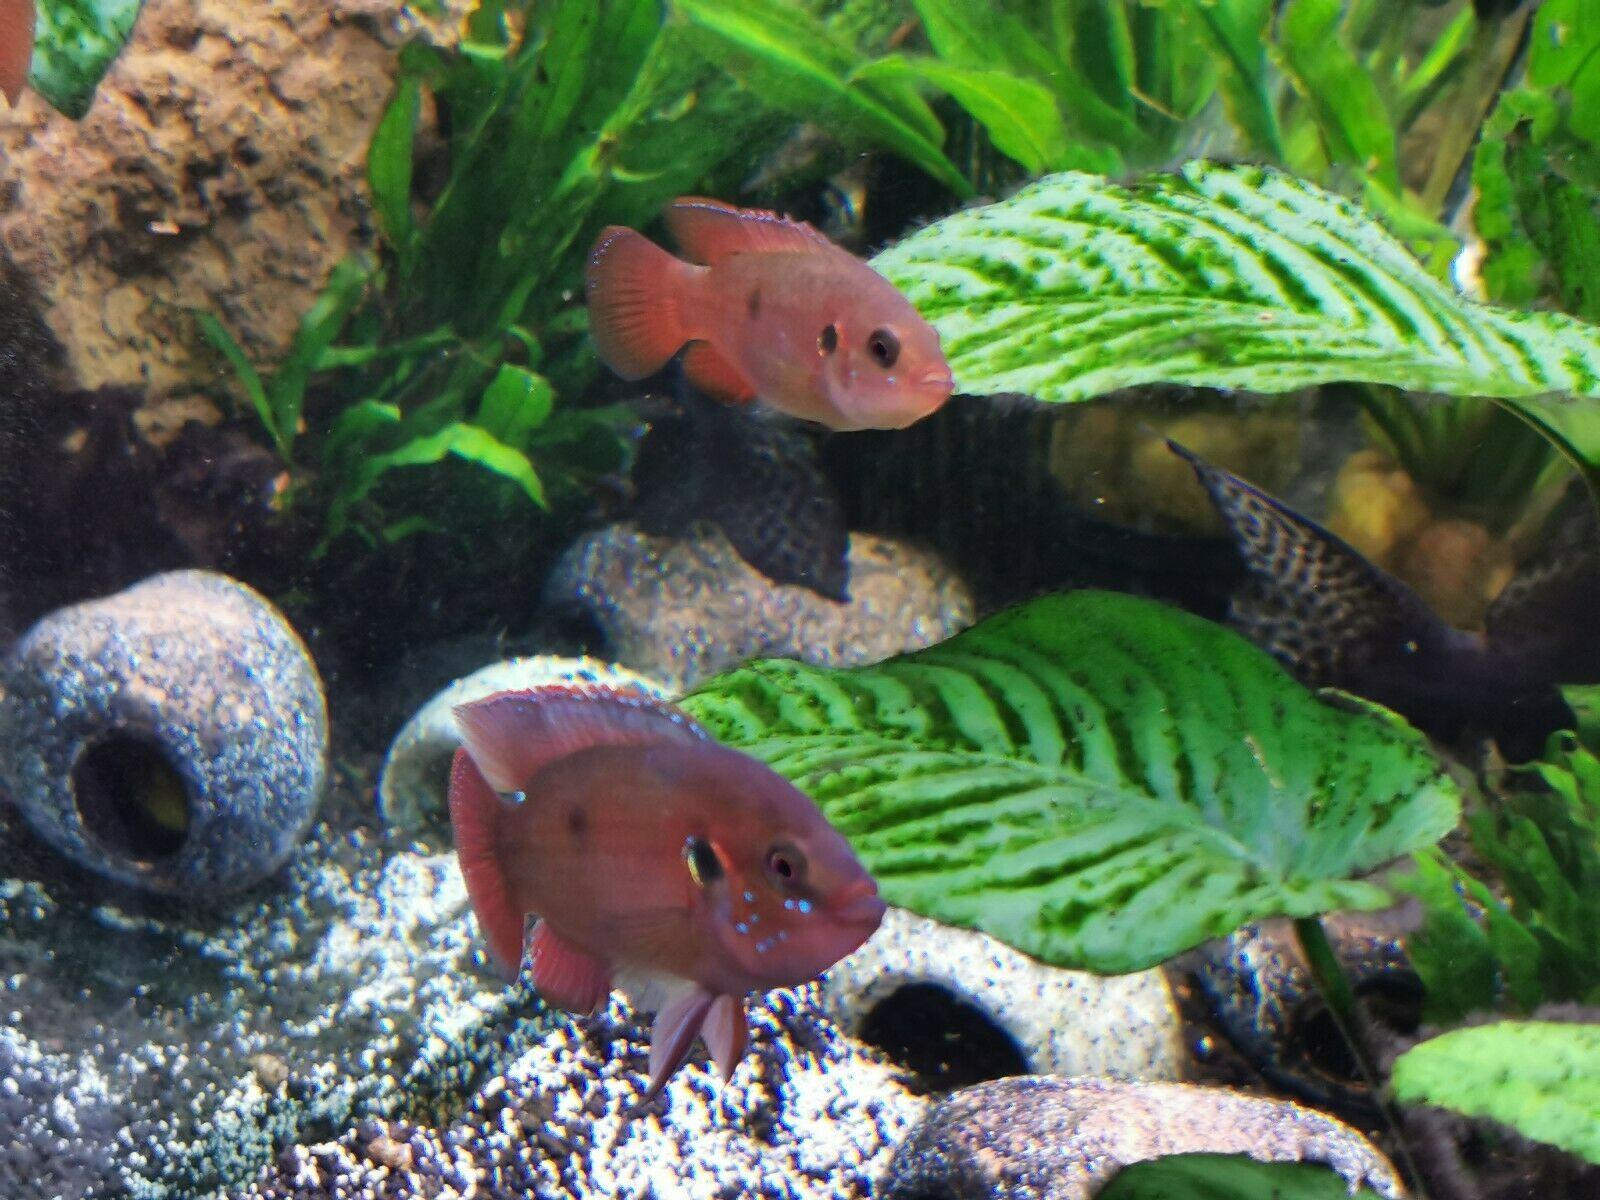 Jewel cichlid fish (Breeding pair) in 2020 | Fish breeding ...